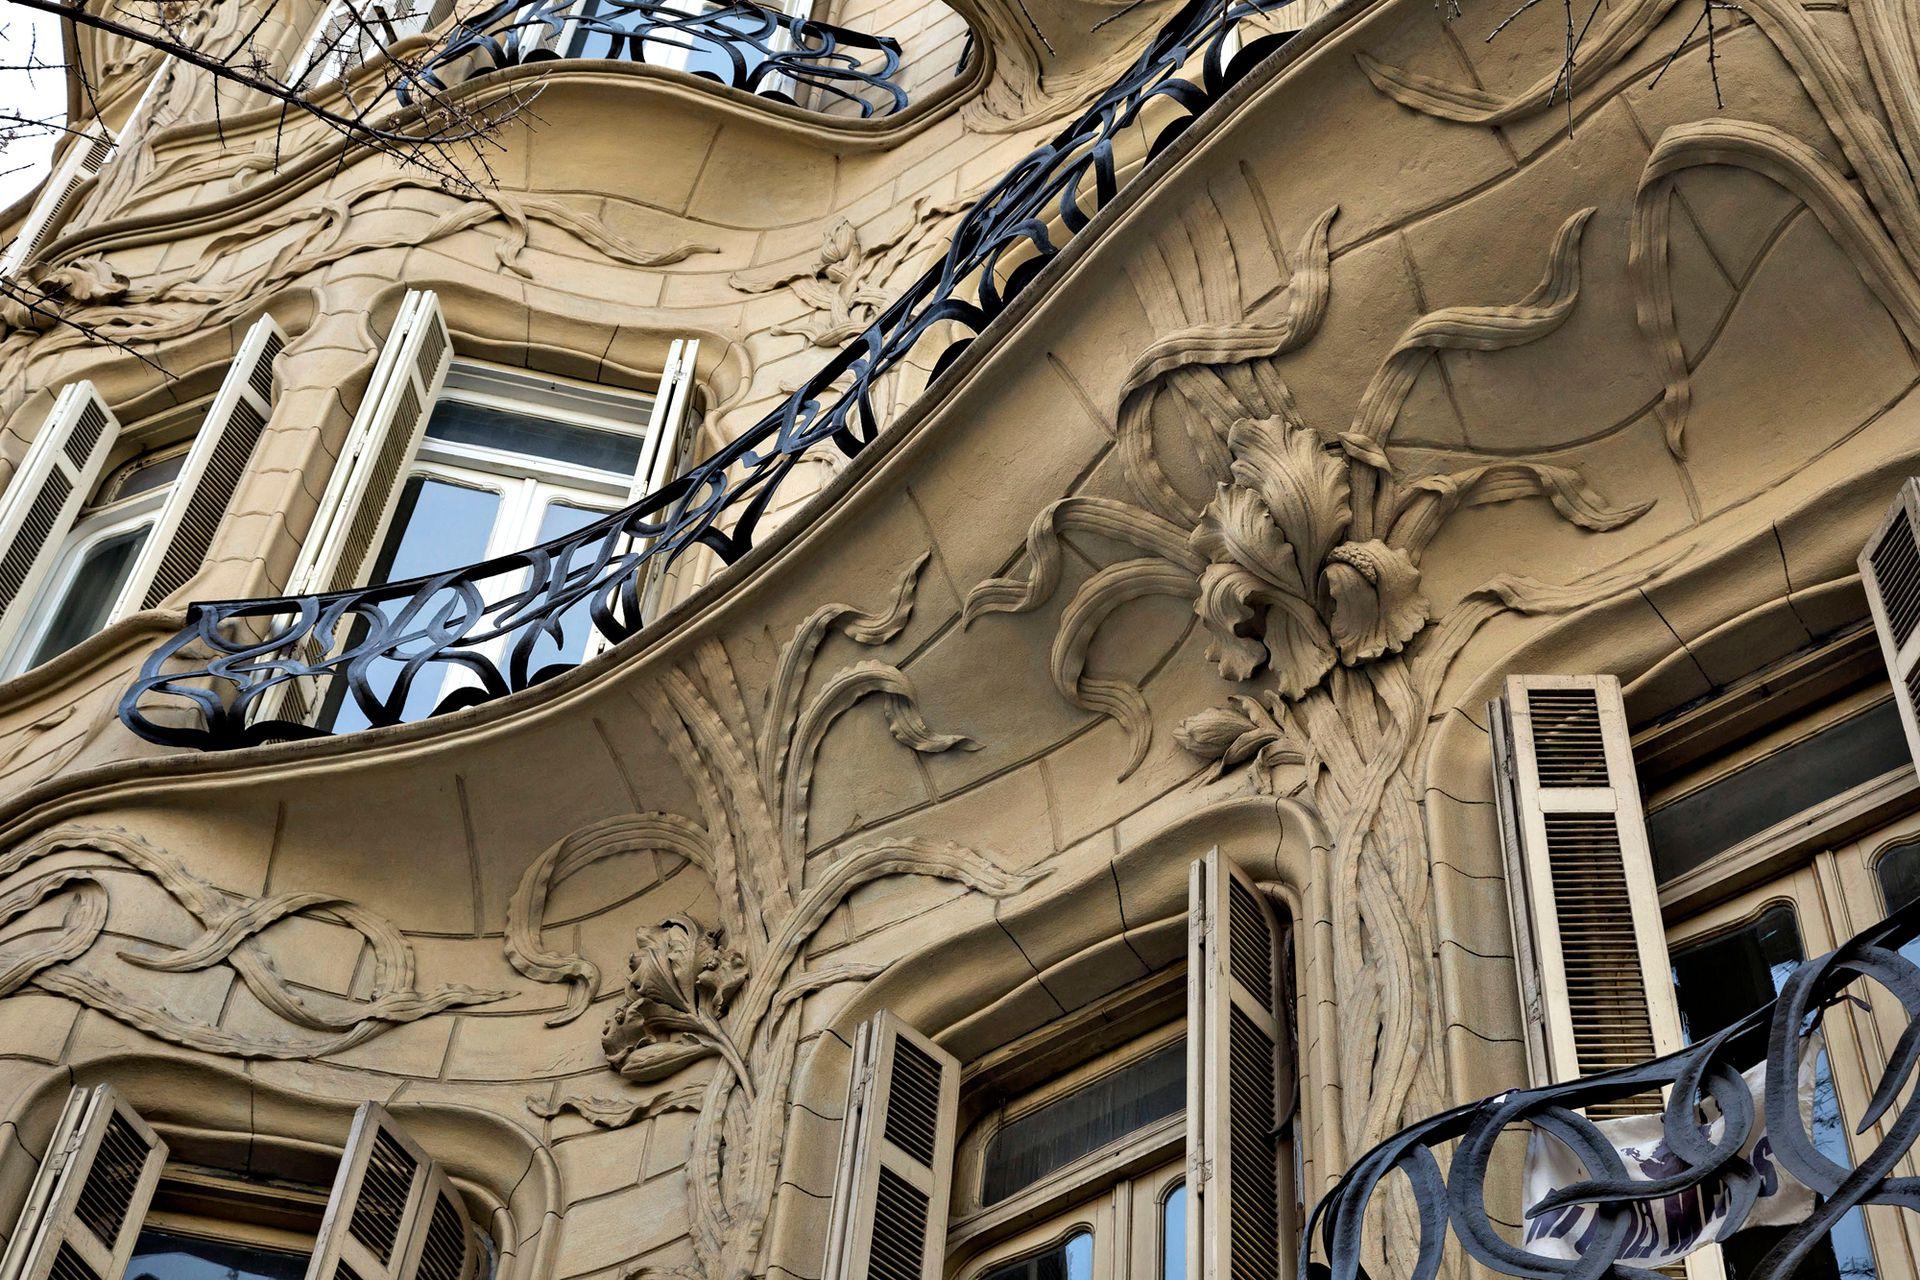 Las flores en relieve y las ondulaciones de la fachada son uno de los atractivos de este particular palacio porteño